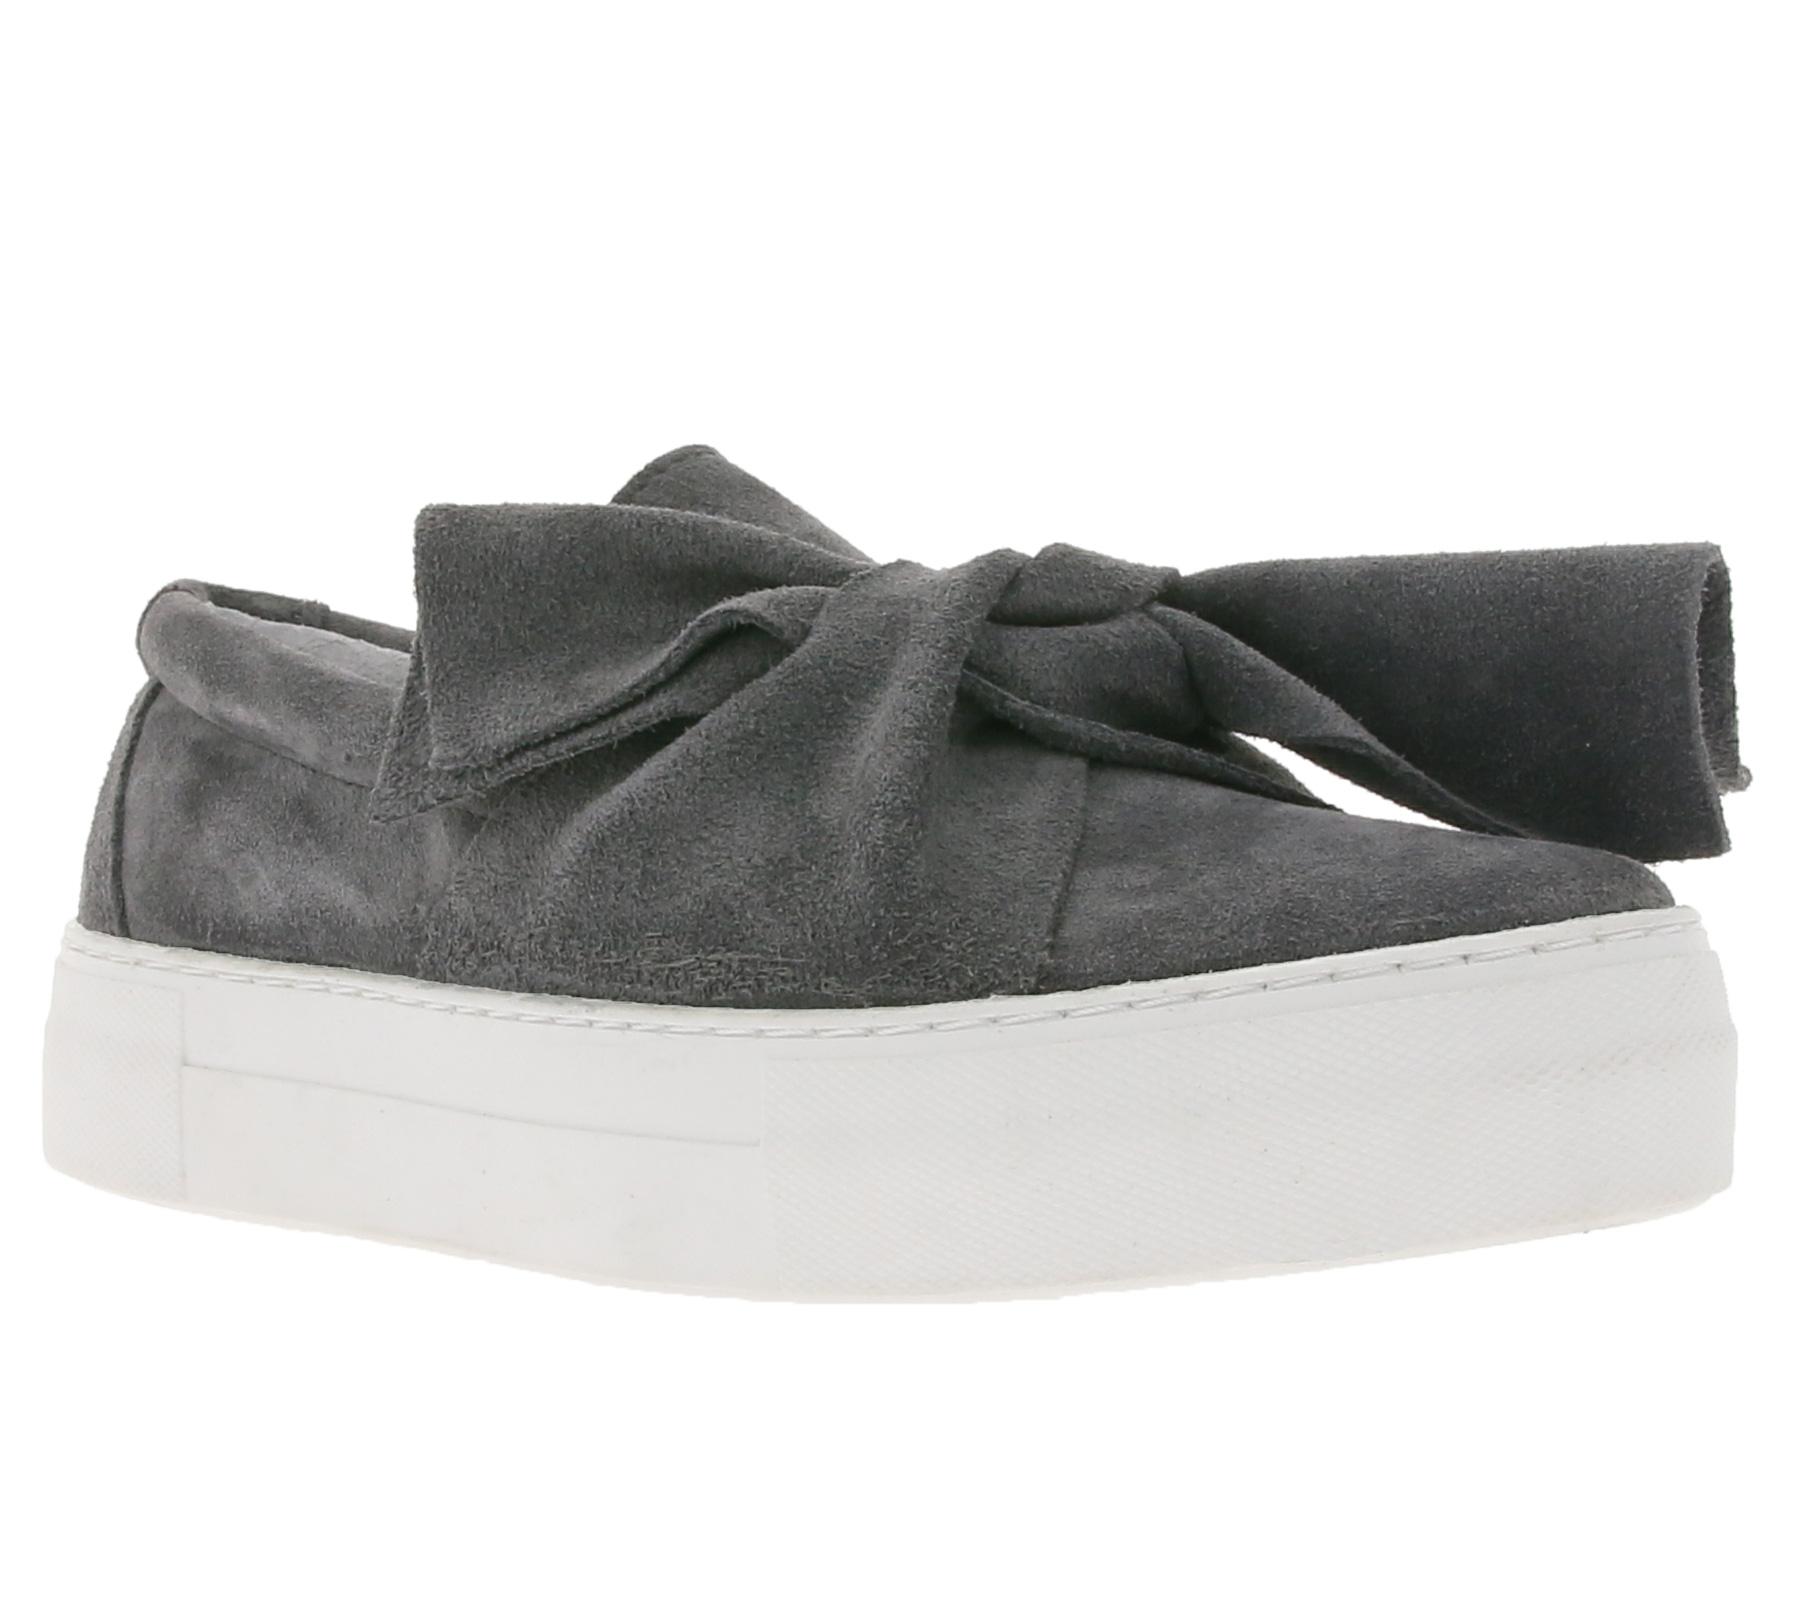 Damen Slipper Schuh